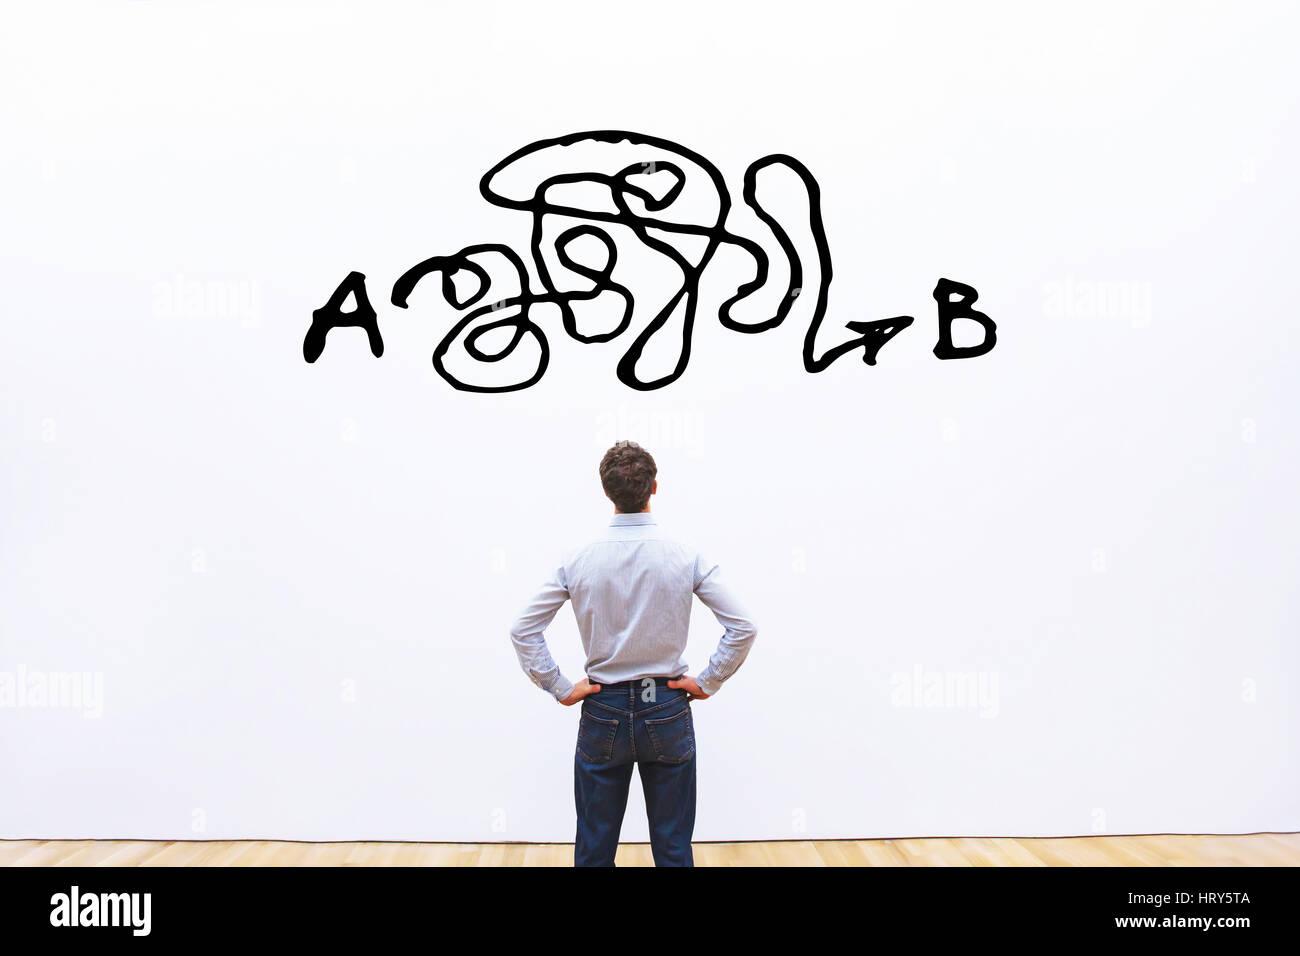 Problem solving, soluzione complicata dal punto A al punto B, business idea o il concetto di creatività, difficoltà Immagini Stock